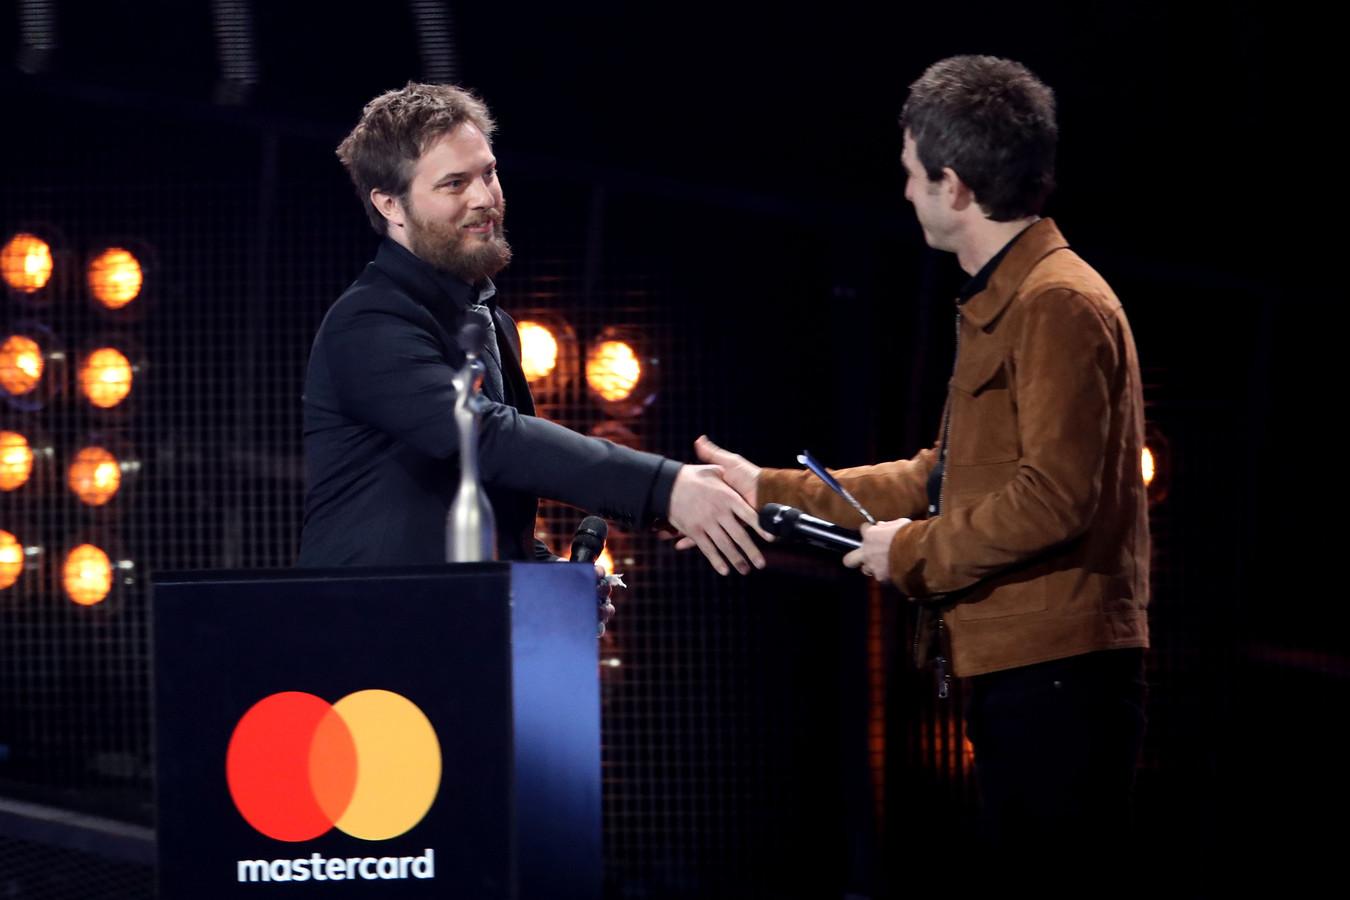 David Bowie's zoon Duncan Jones (links) neemt de award in naam van zijn vader in ontvangst.